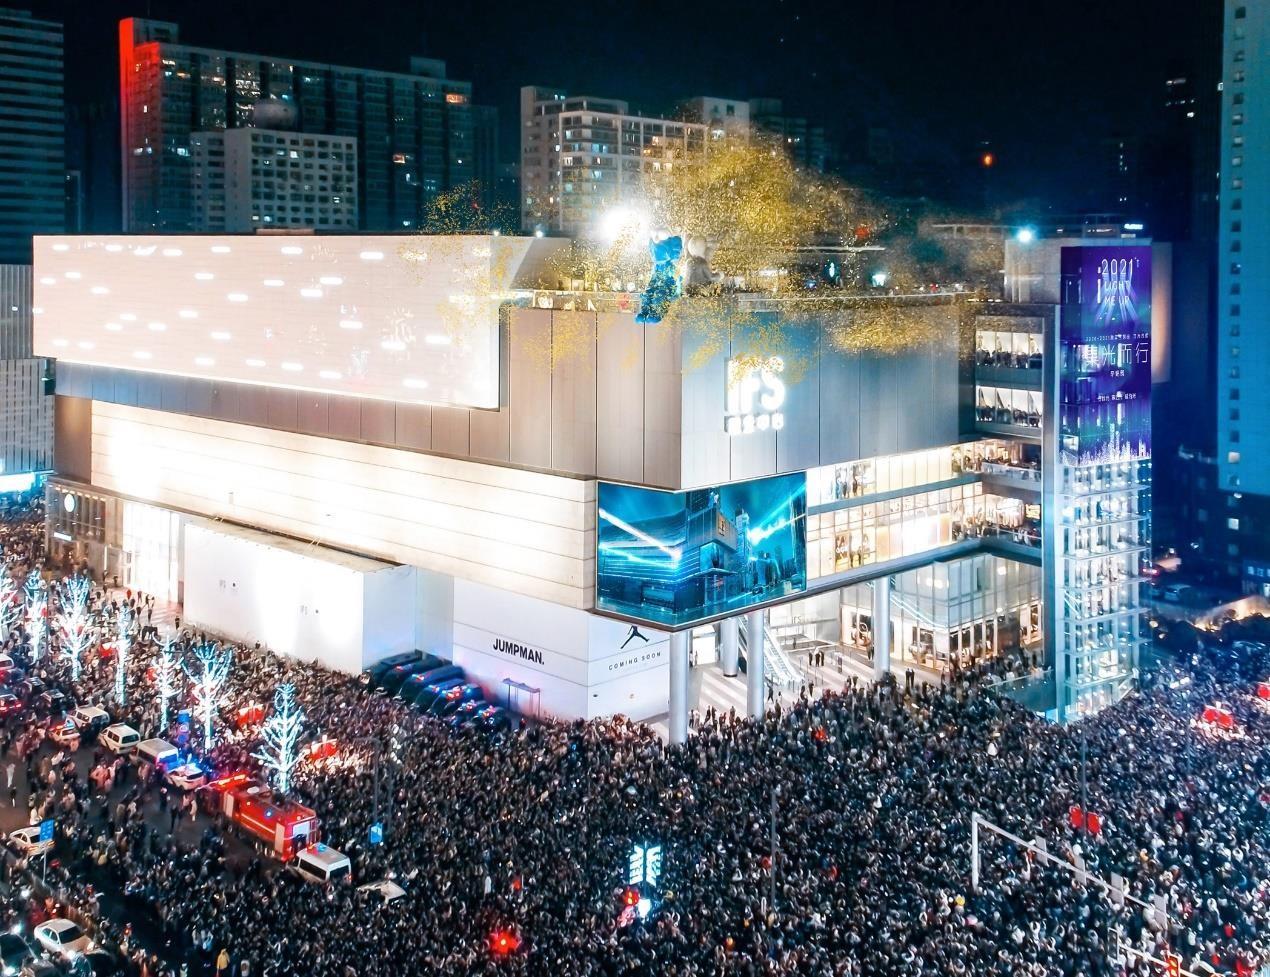 长沙IFS卓越表现为城市赋能,跨年集光而行引领2021全新篇章